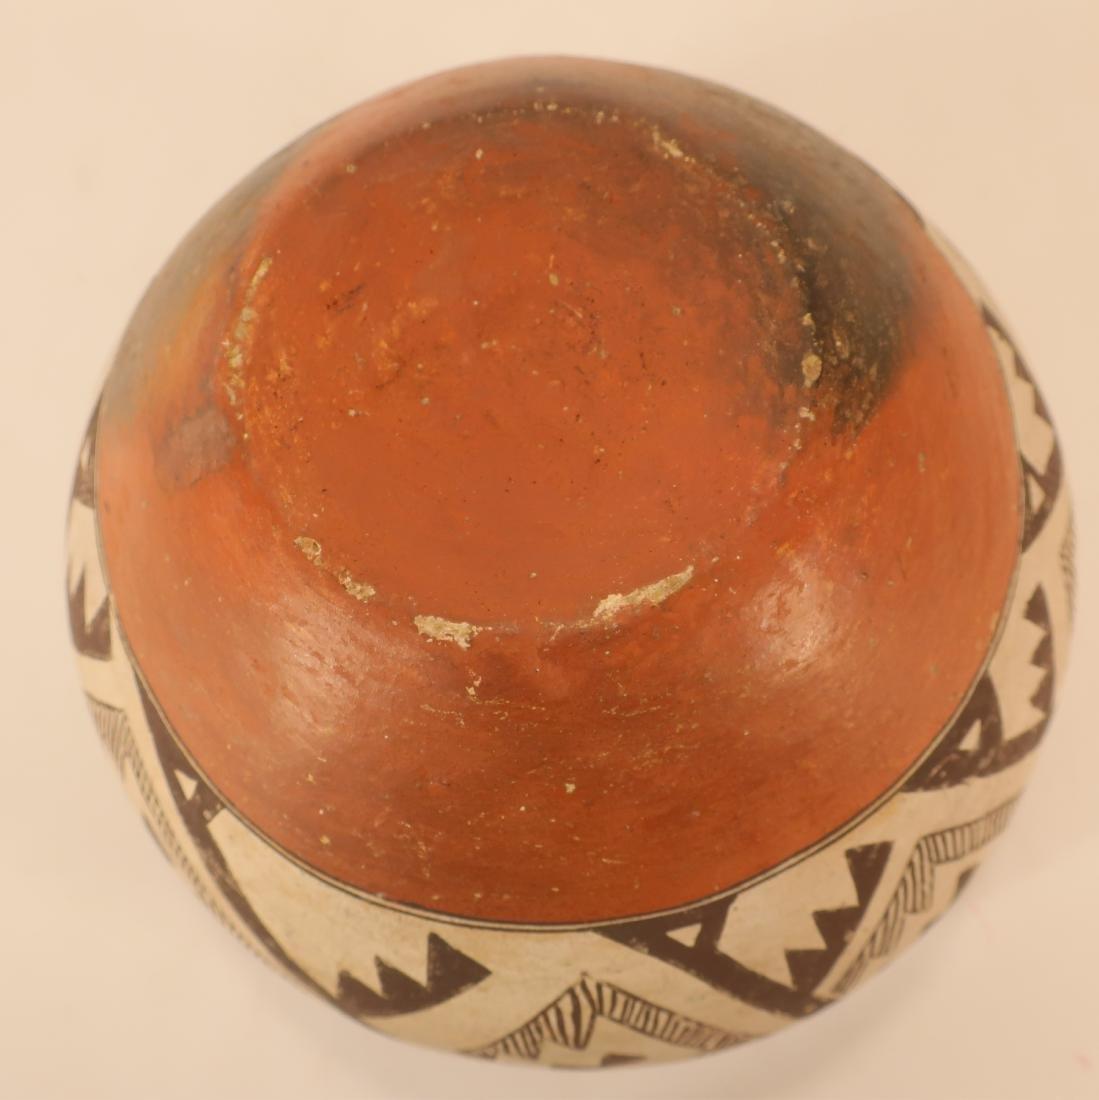 Anasazi Pottery Jar w Geometric Designs L 19th c - 4